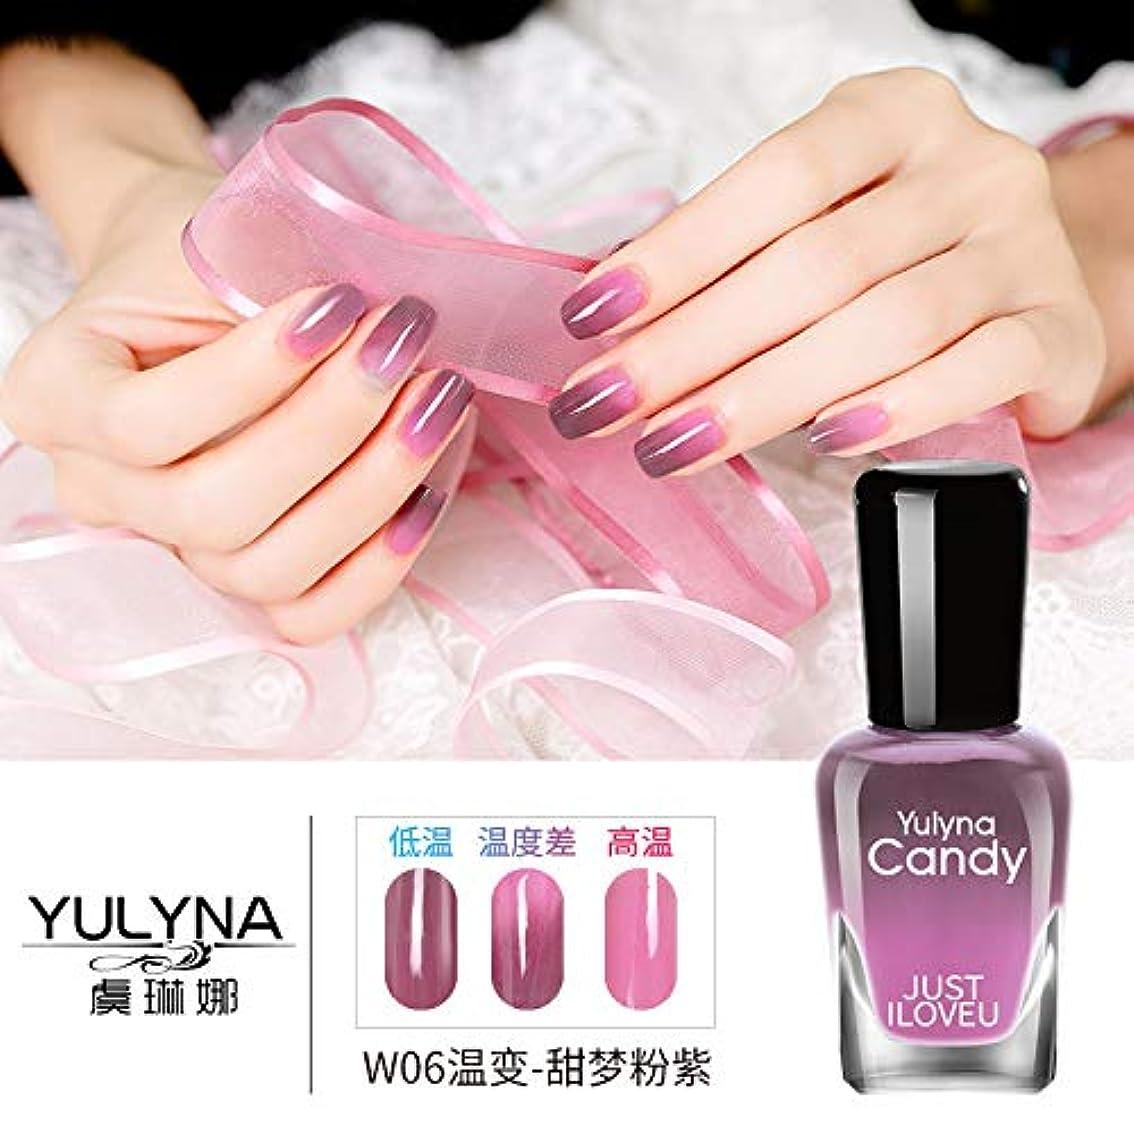 のためにフラスコチラチラする油性温度変化マニキュア卸売Unpeelable耐久性と速乾性7(ml)7 ml Sweet Dream Pink-W06 2パック